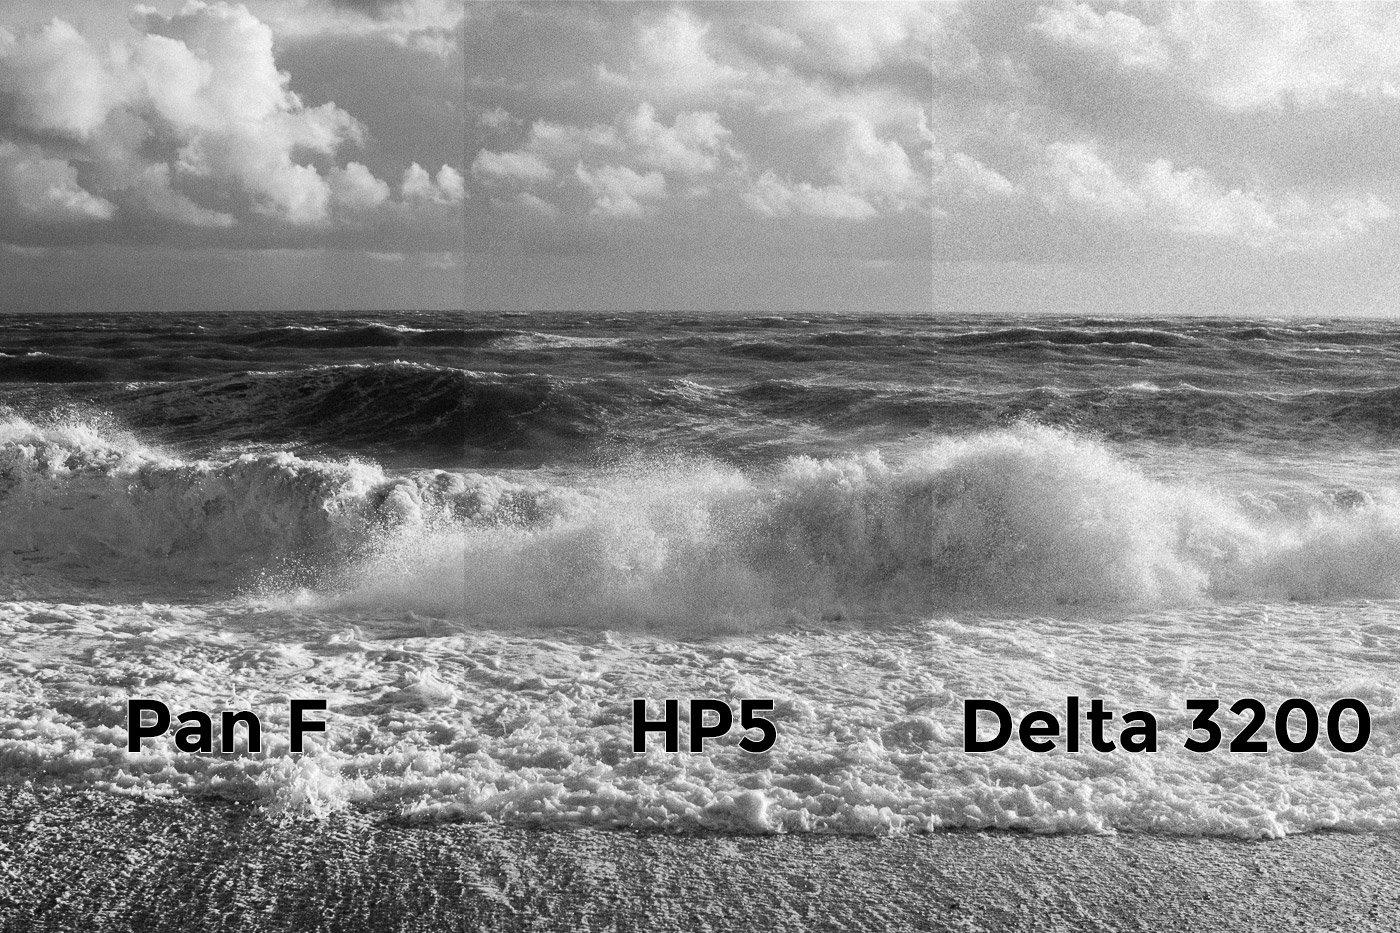 Pan F HP5 Delta 3200 Comparison